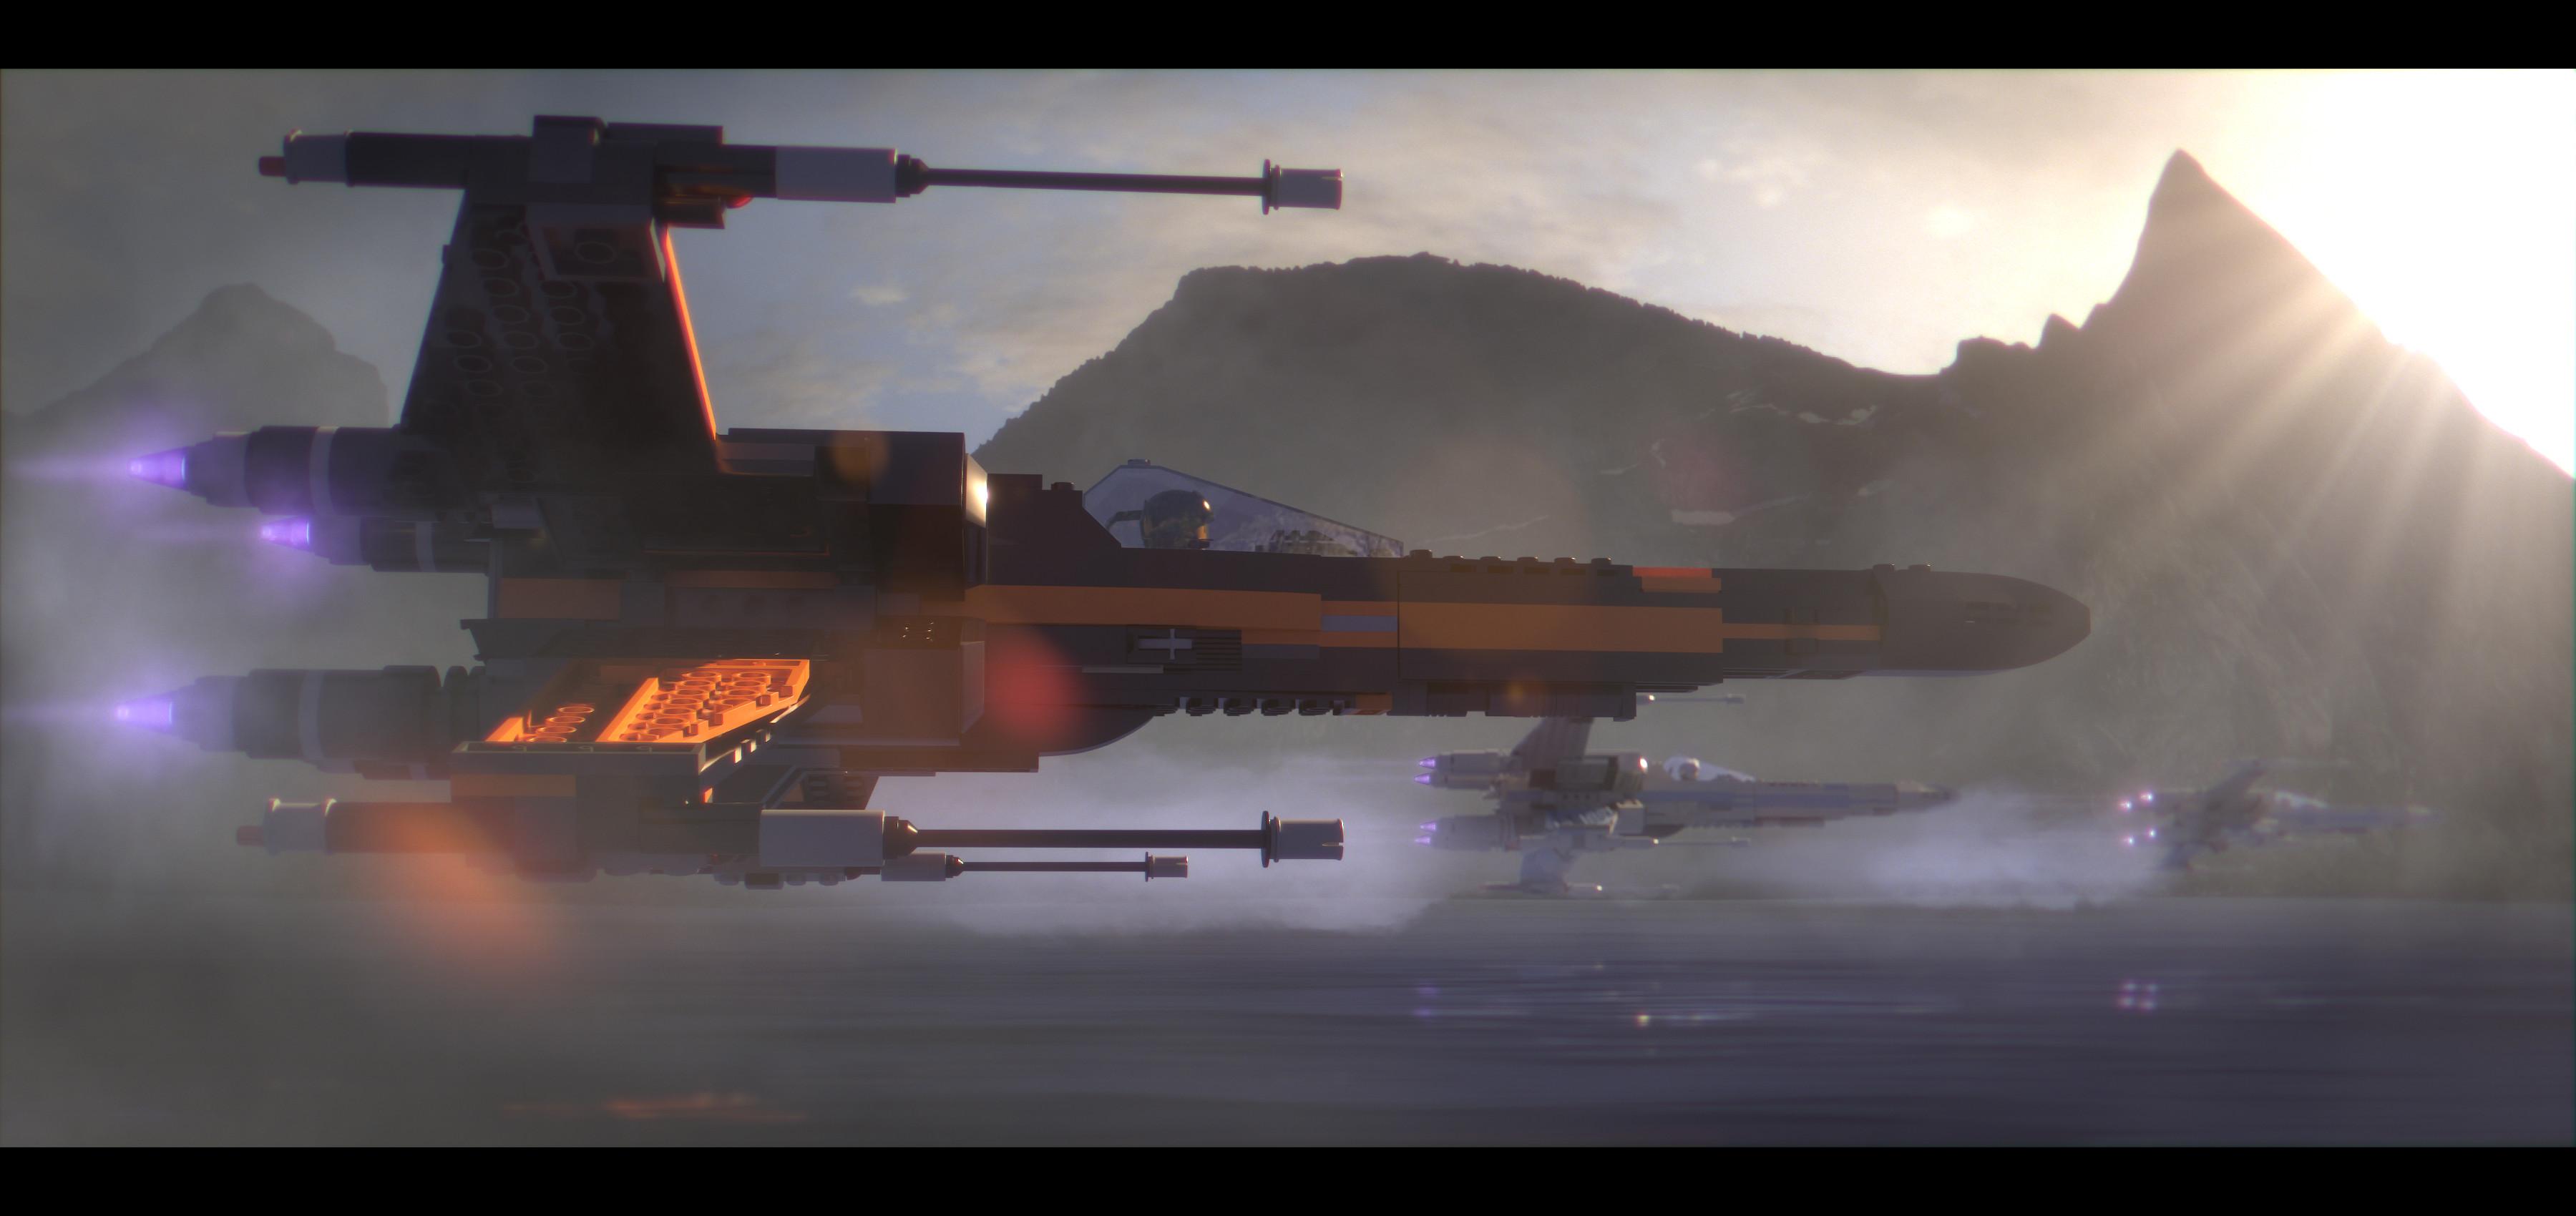 General Star Wars LEGO Star Wars X-wing spaceship LEGO LEGO Star  Wars The